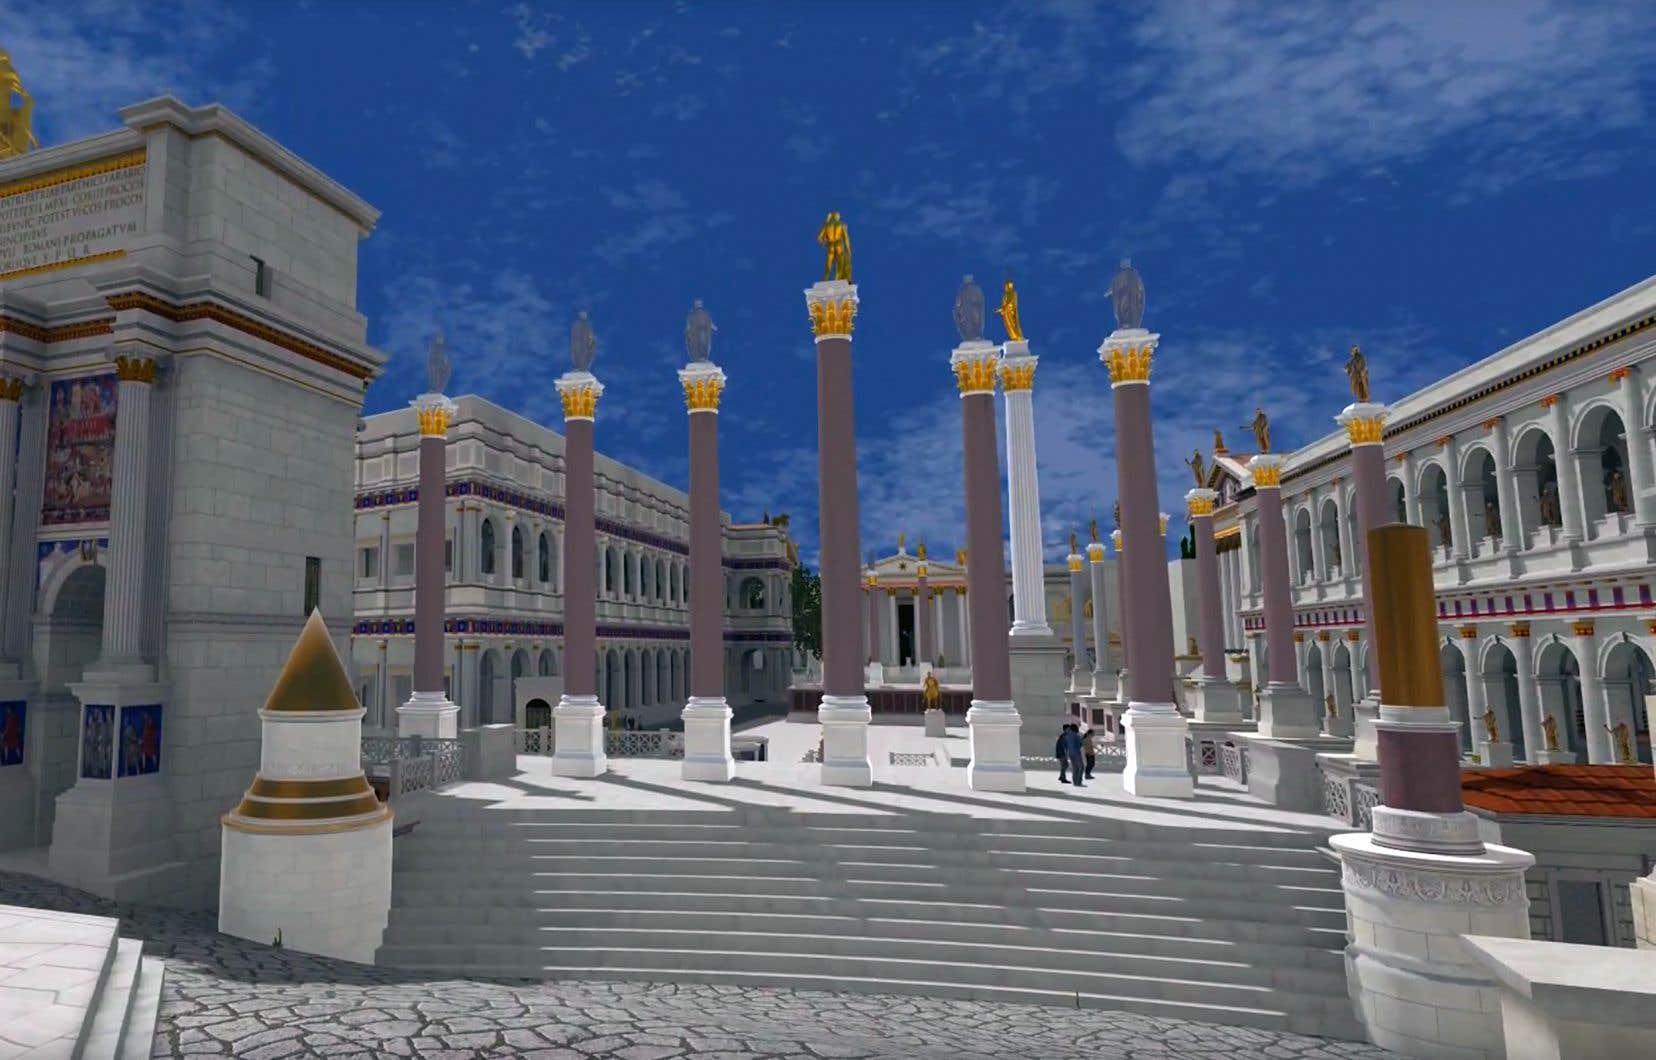 Le projet Rome Reborn a mobilisé 50 historiens, archéologues et informaticiens pendant 22ans pour recréer 7000 édifices et monuments de la Rome de l'an 320.